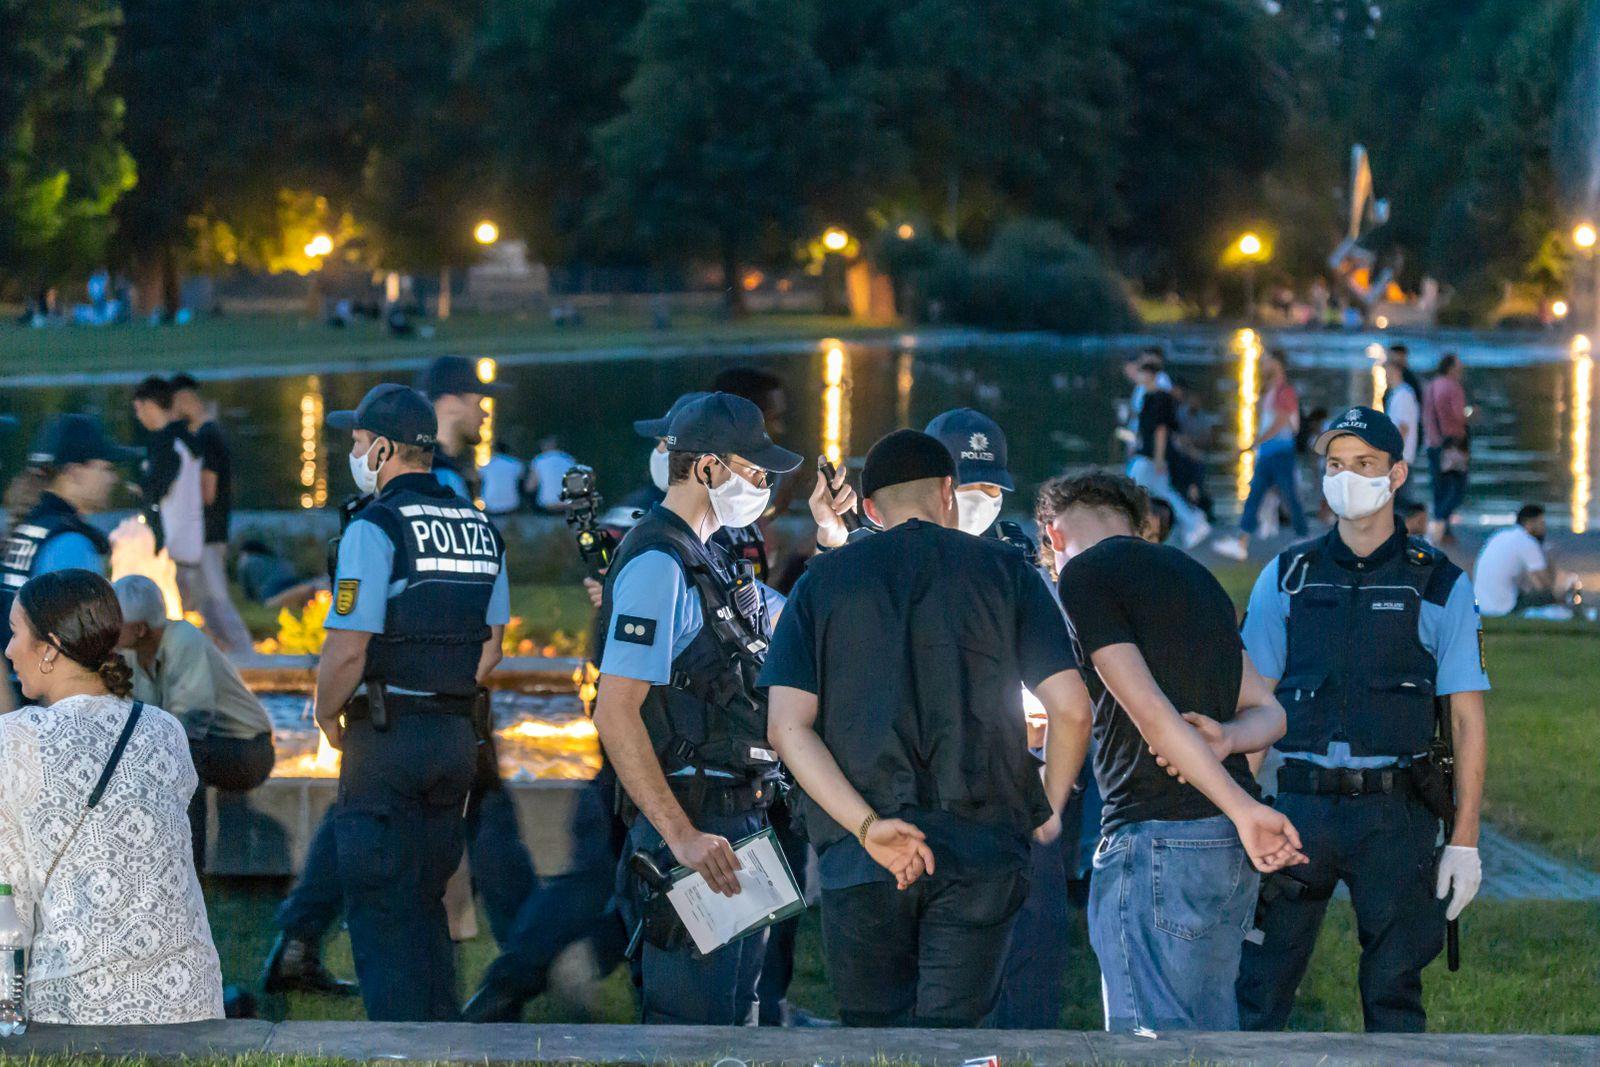 Massives Polizeiaufgabe am Eckensee in Stuttgart. Dort war die Keimzelle der Krawalle vom Samstag zuvor. Der von der Po